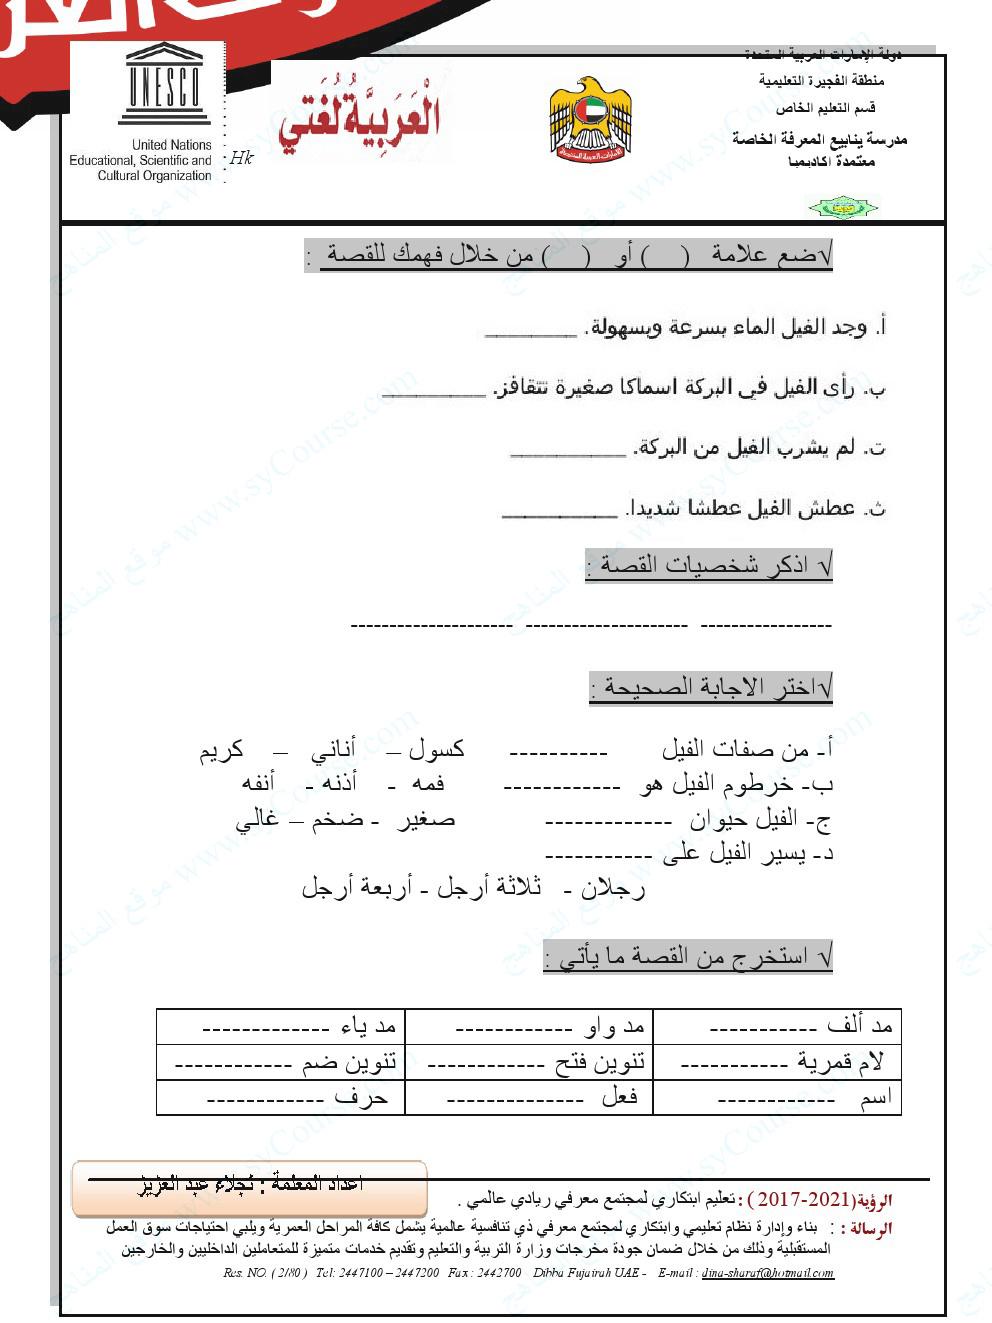 حل كتاب العلوم الاسلامية للصف الرابع